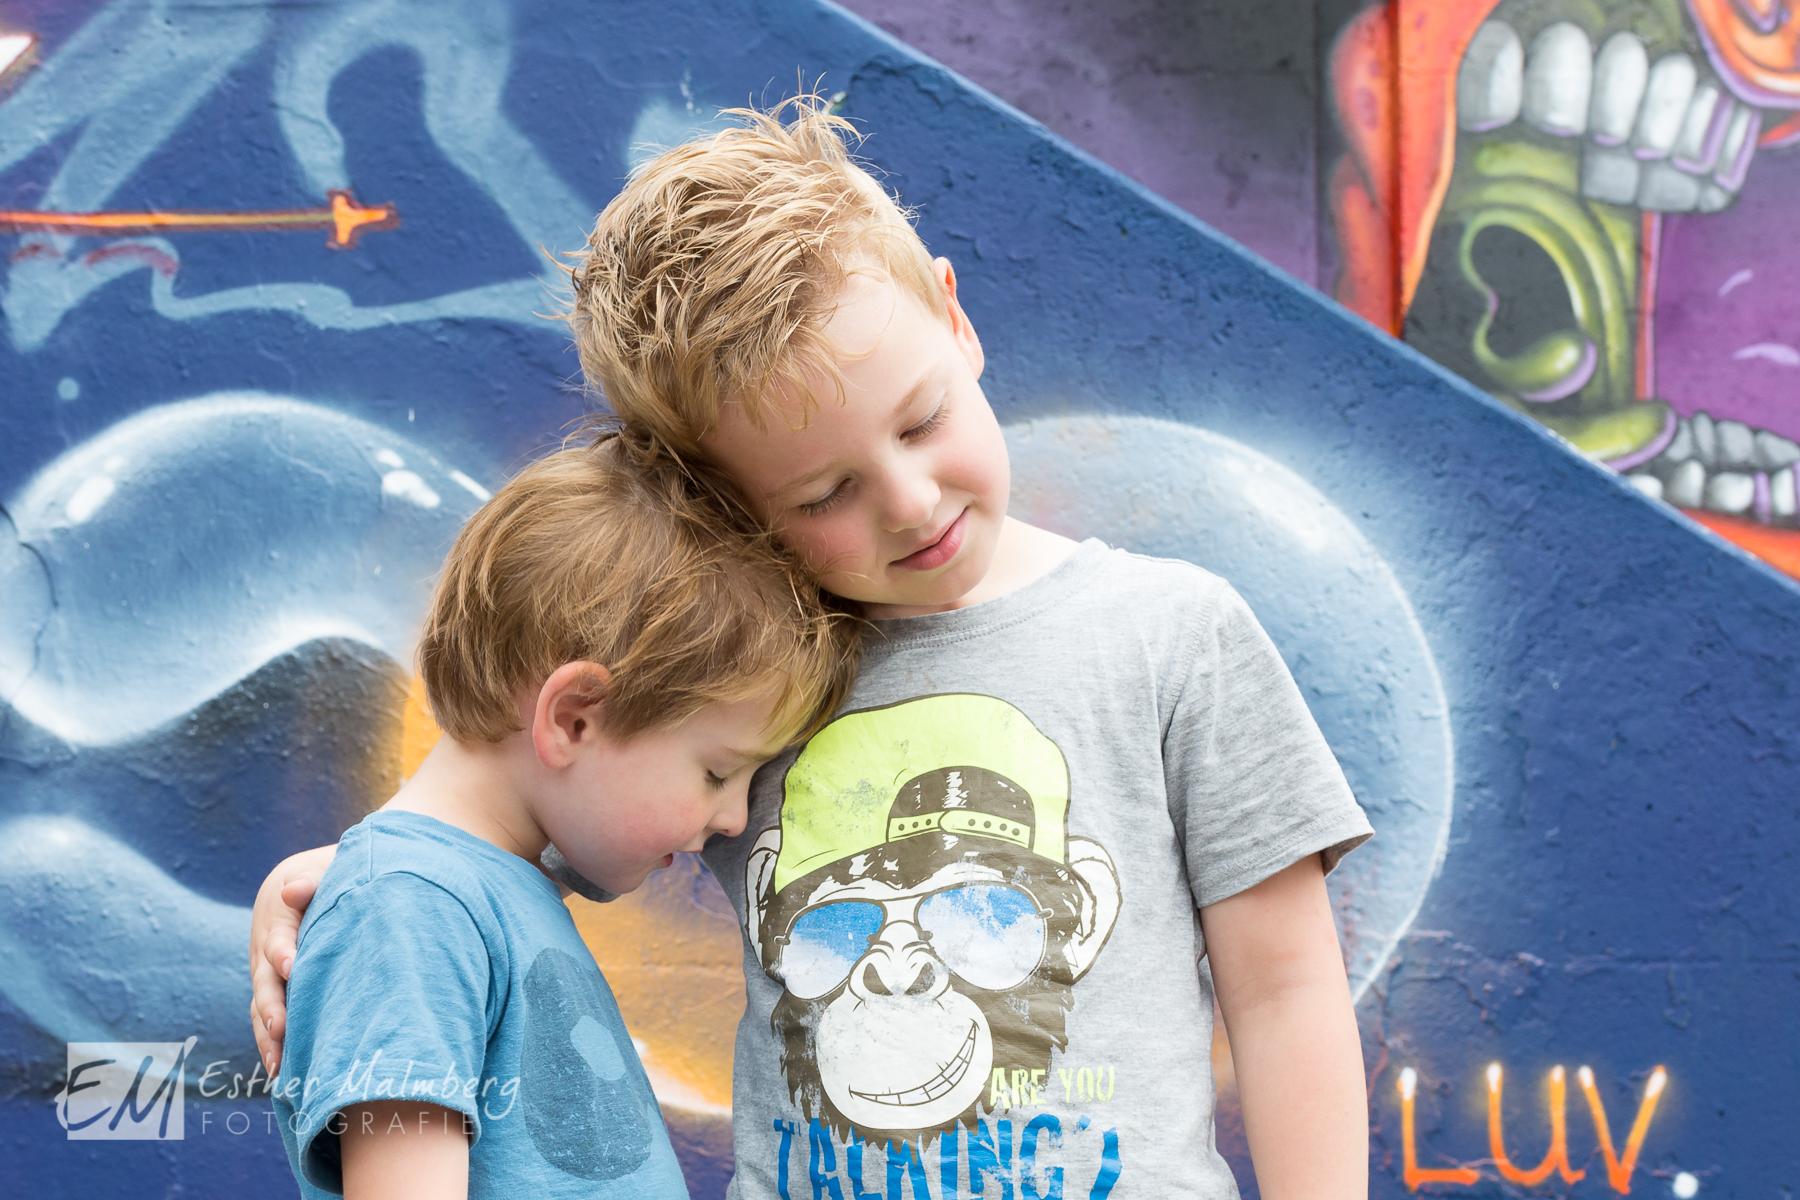 Broers connectie en liefde tijdens Moment Design Playful Heart fotografie Gouda